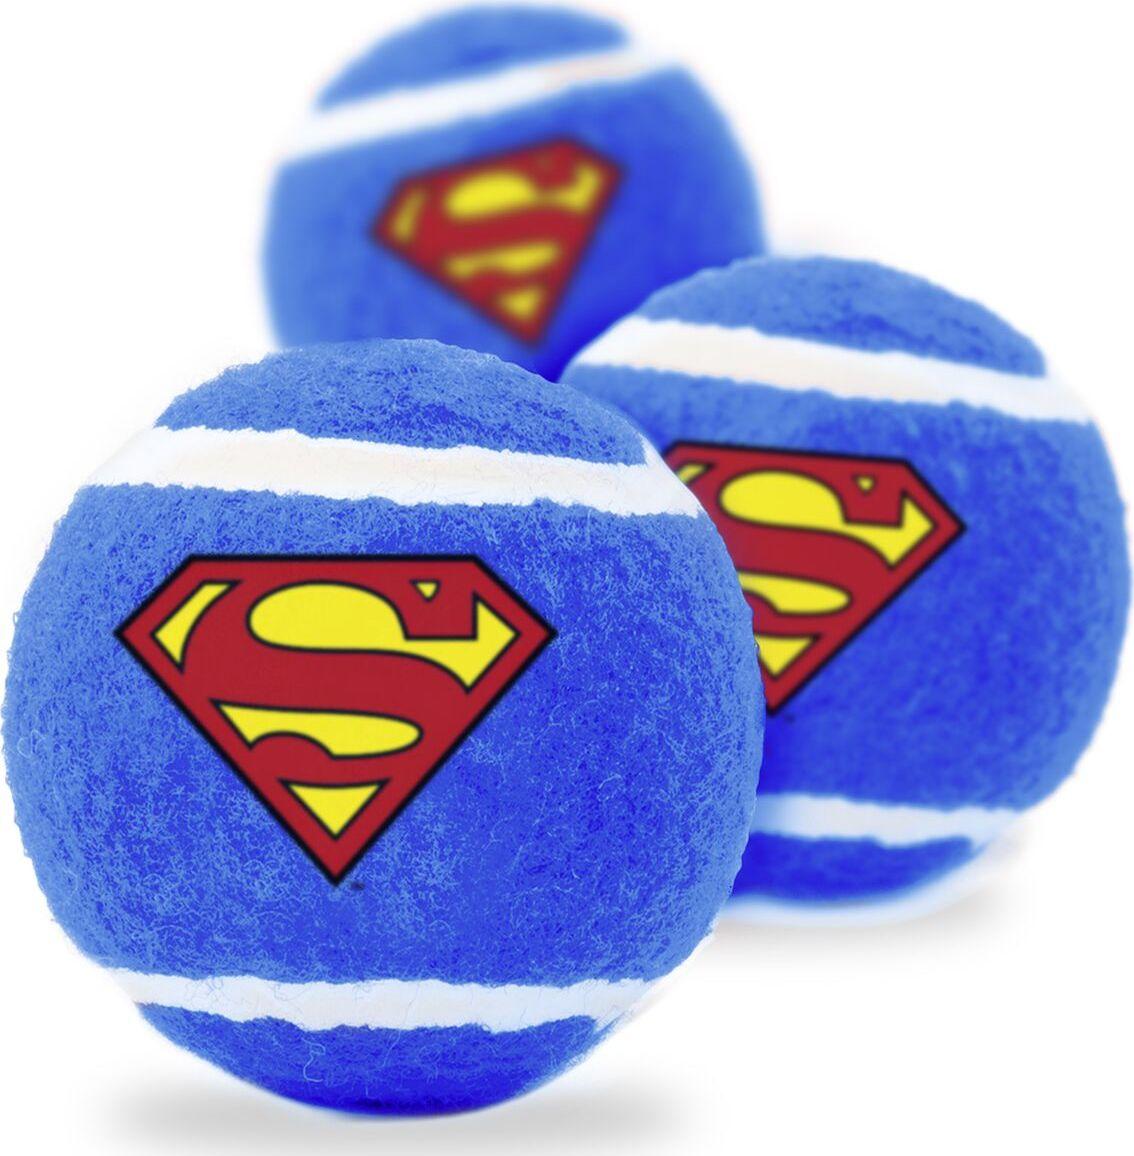 Апорт для собак Buckle-Down Теннисный мяч Супермен, синий, длина 7 см, 3 шт фото